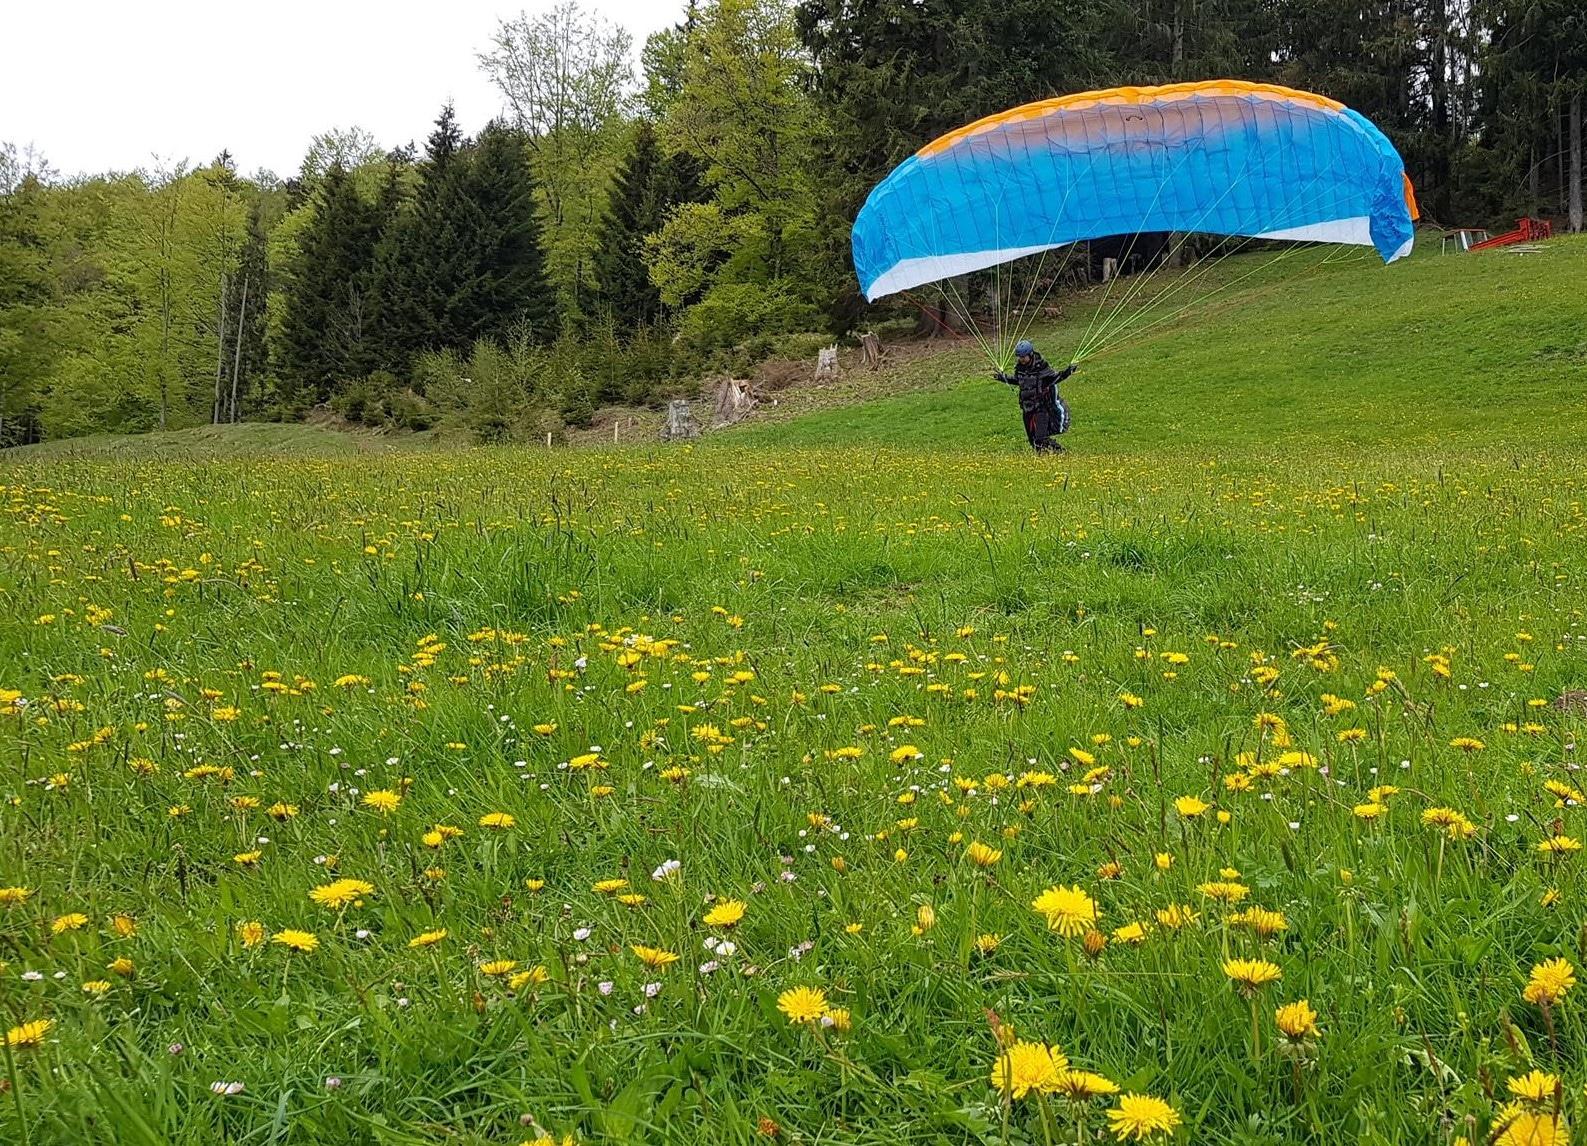 20190508 112443.2 - Gleitschirm Höhenschulung HÖHE 5 – Scheinbar Frühling